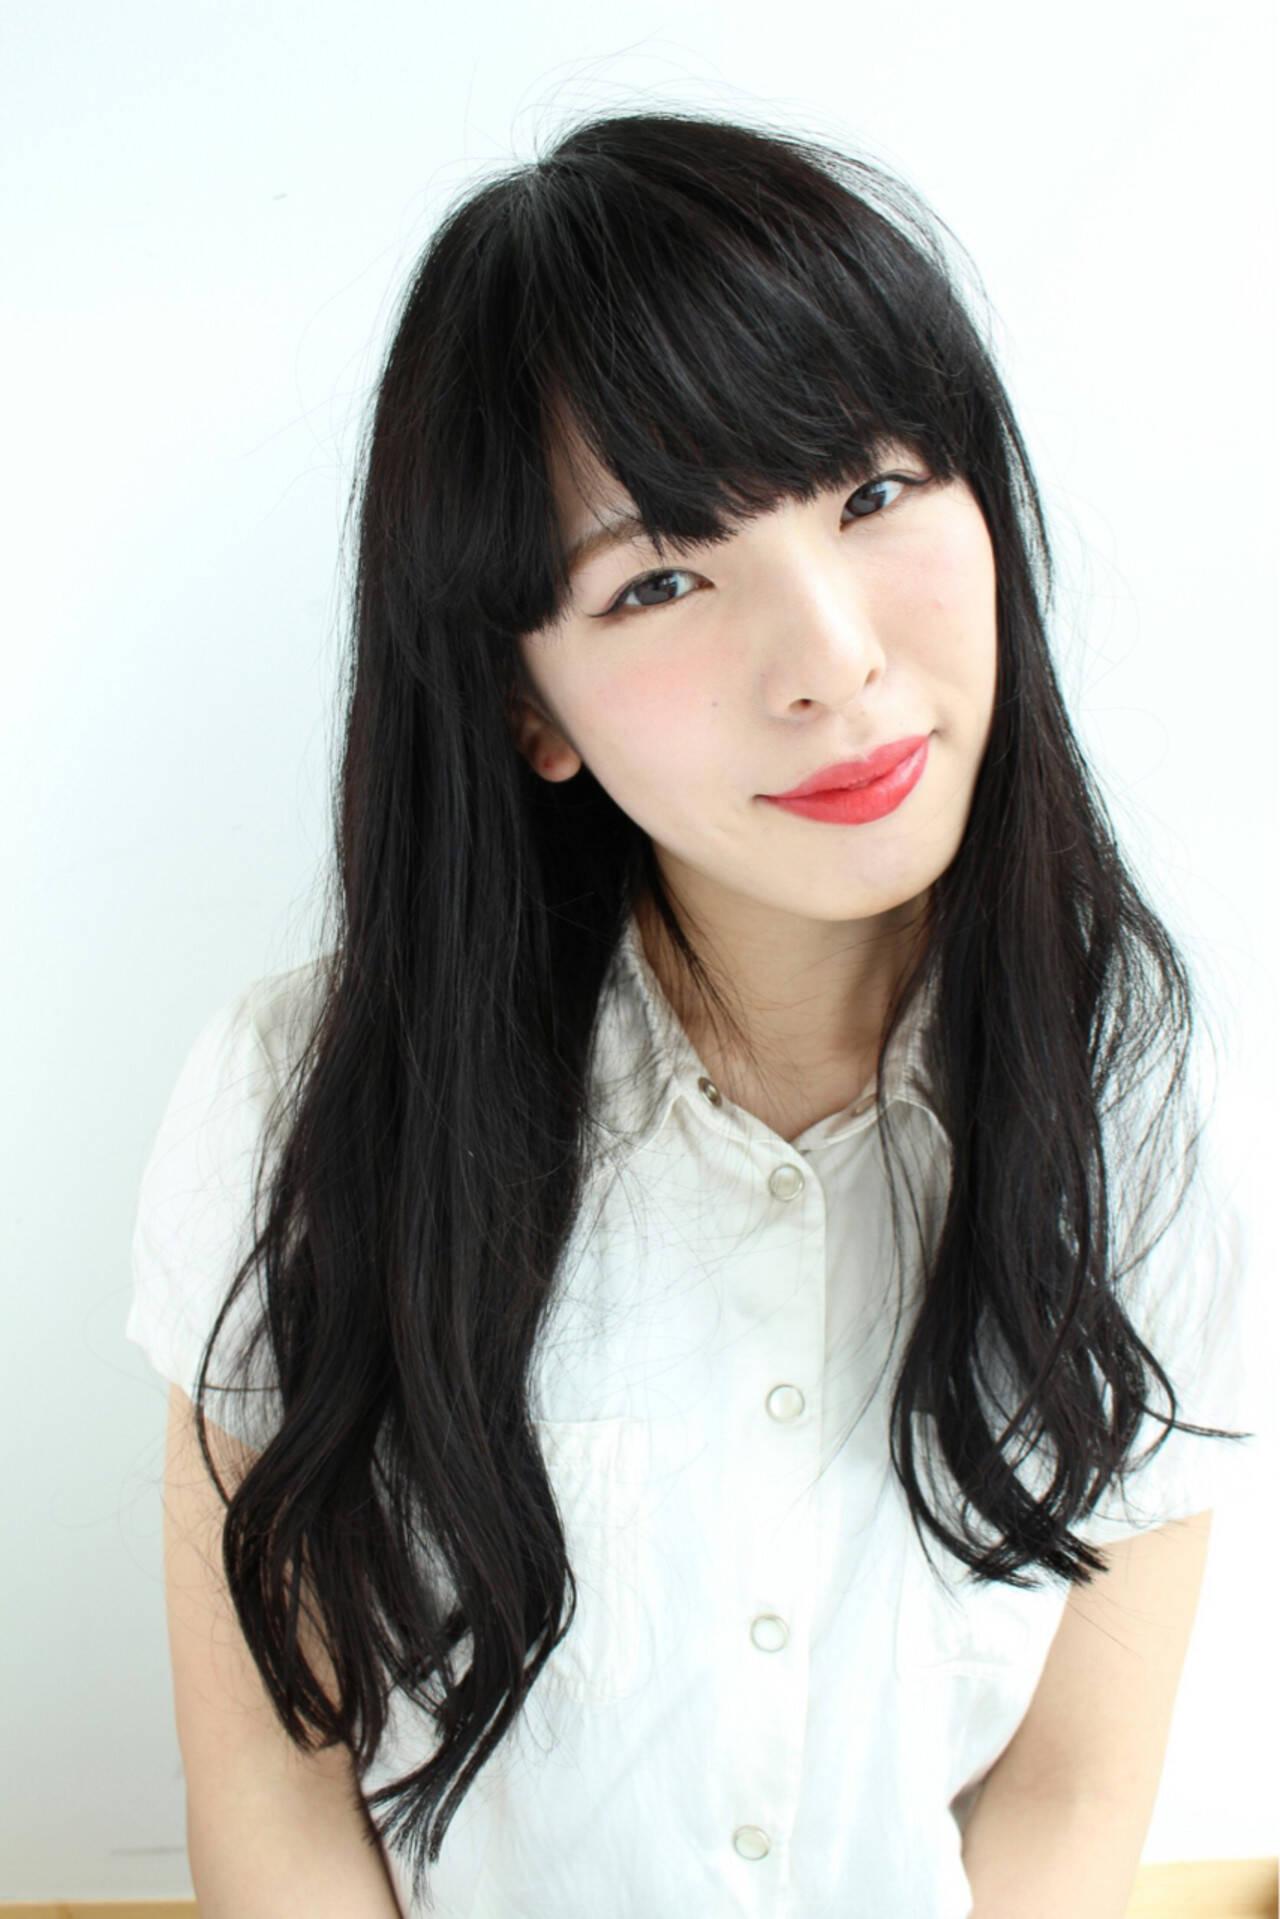 ナチュラル 艶髪 ゆるふわ 大人かわいいヘアスタイルや髪型の写真・画像